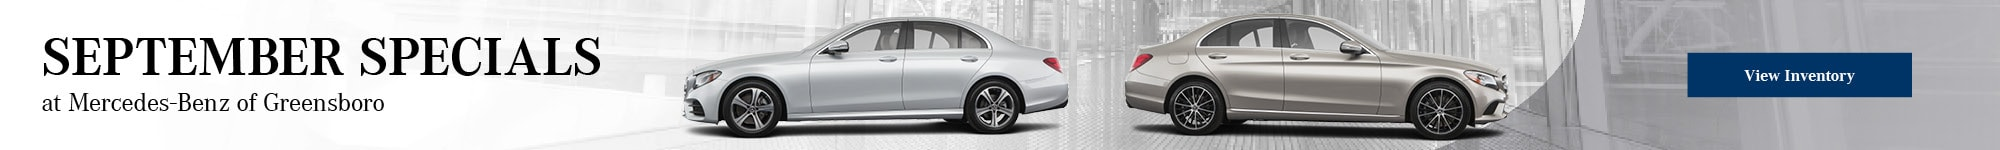 September Specials at Mercedes-Benz of Greensboro